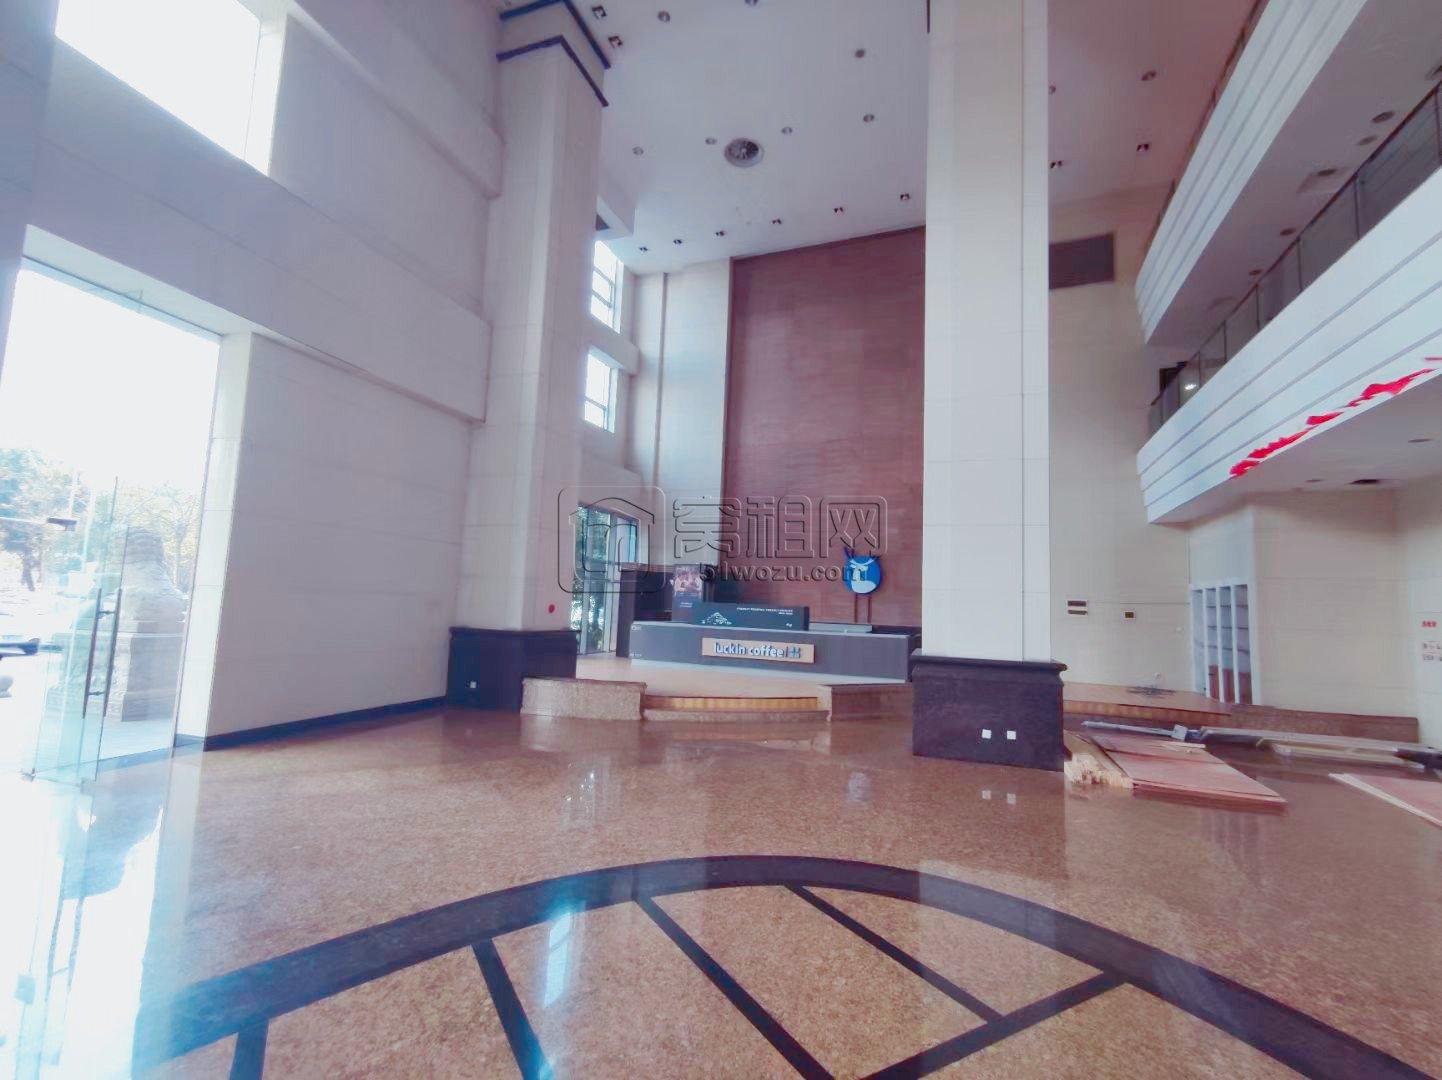 东部新城世纪大道上新天地商务楼85平米2个隔间